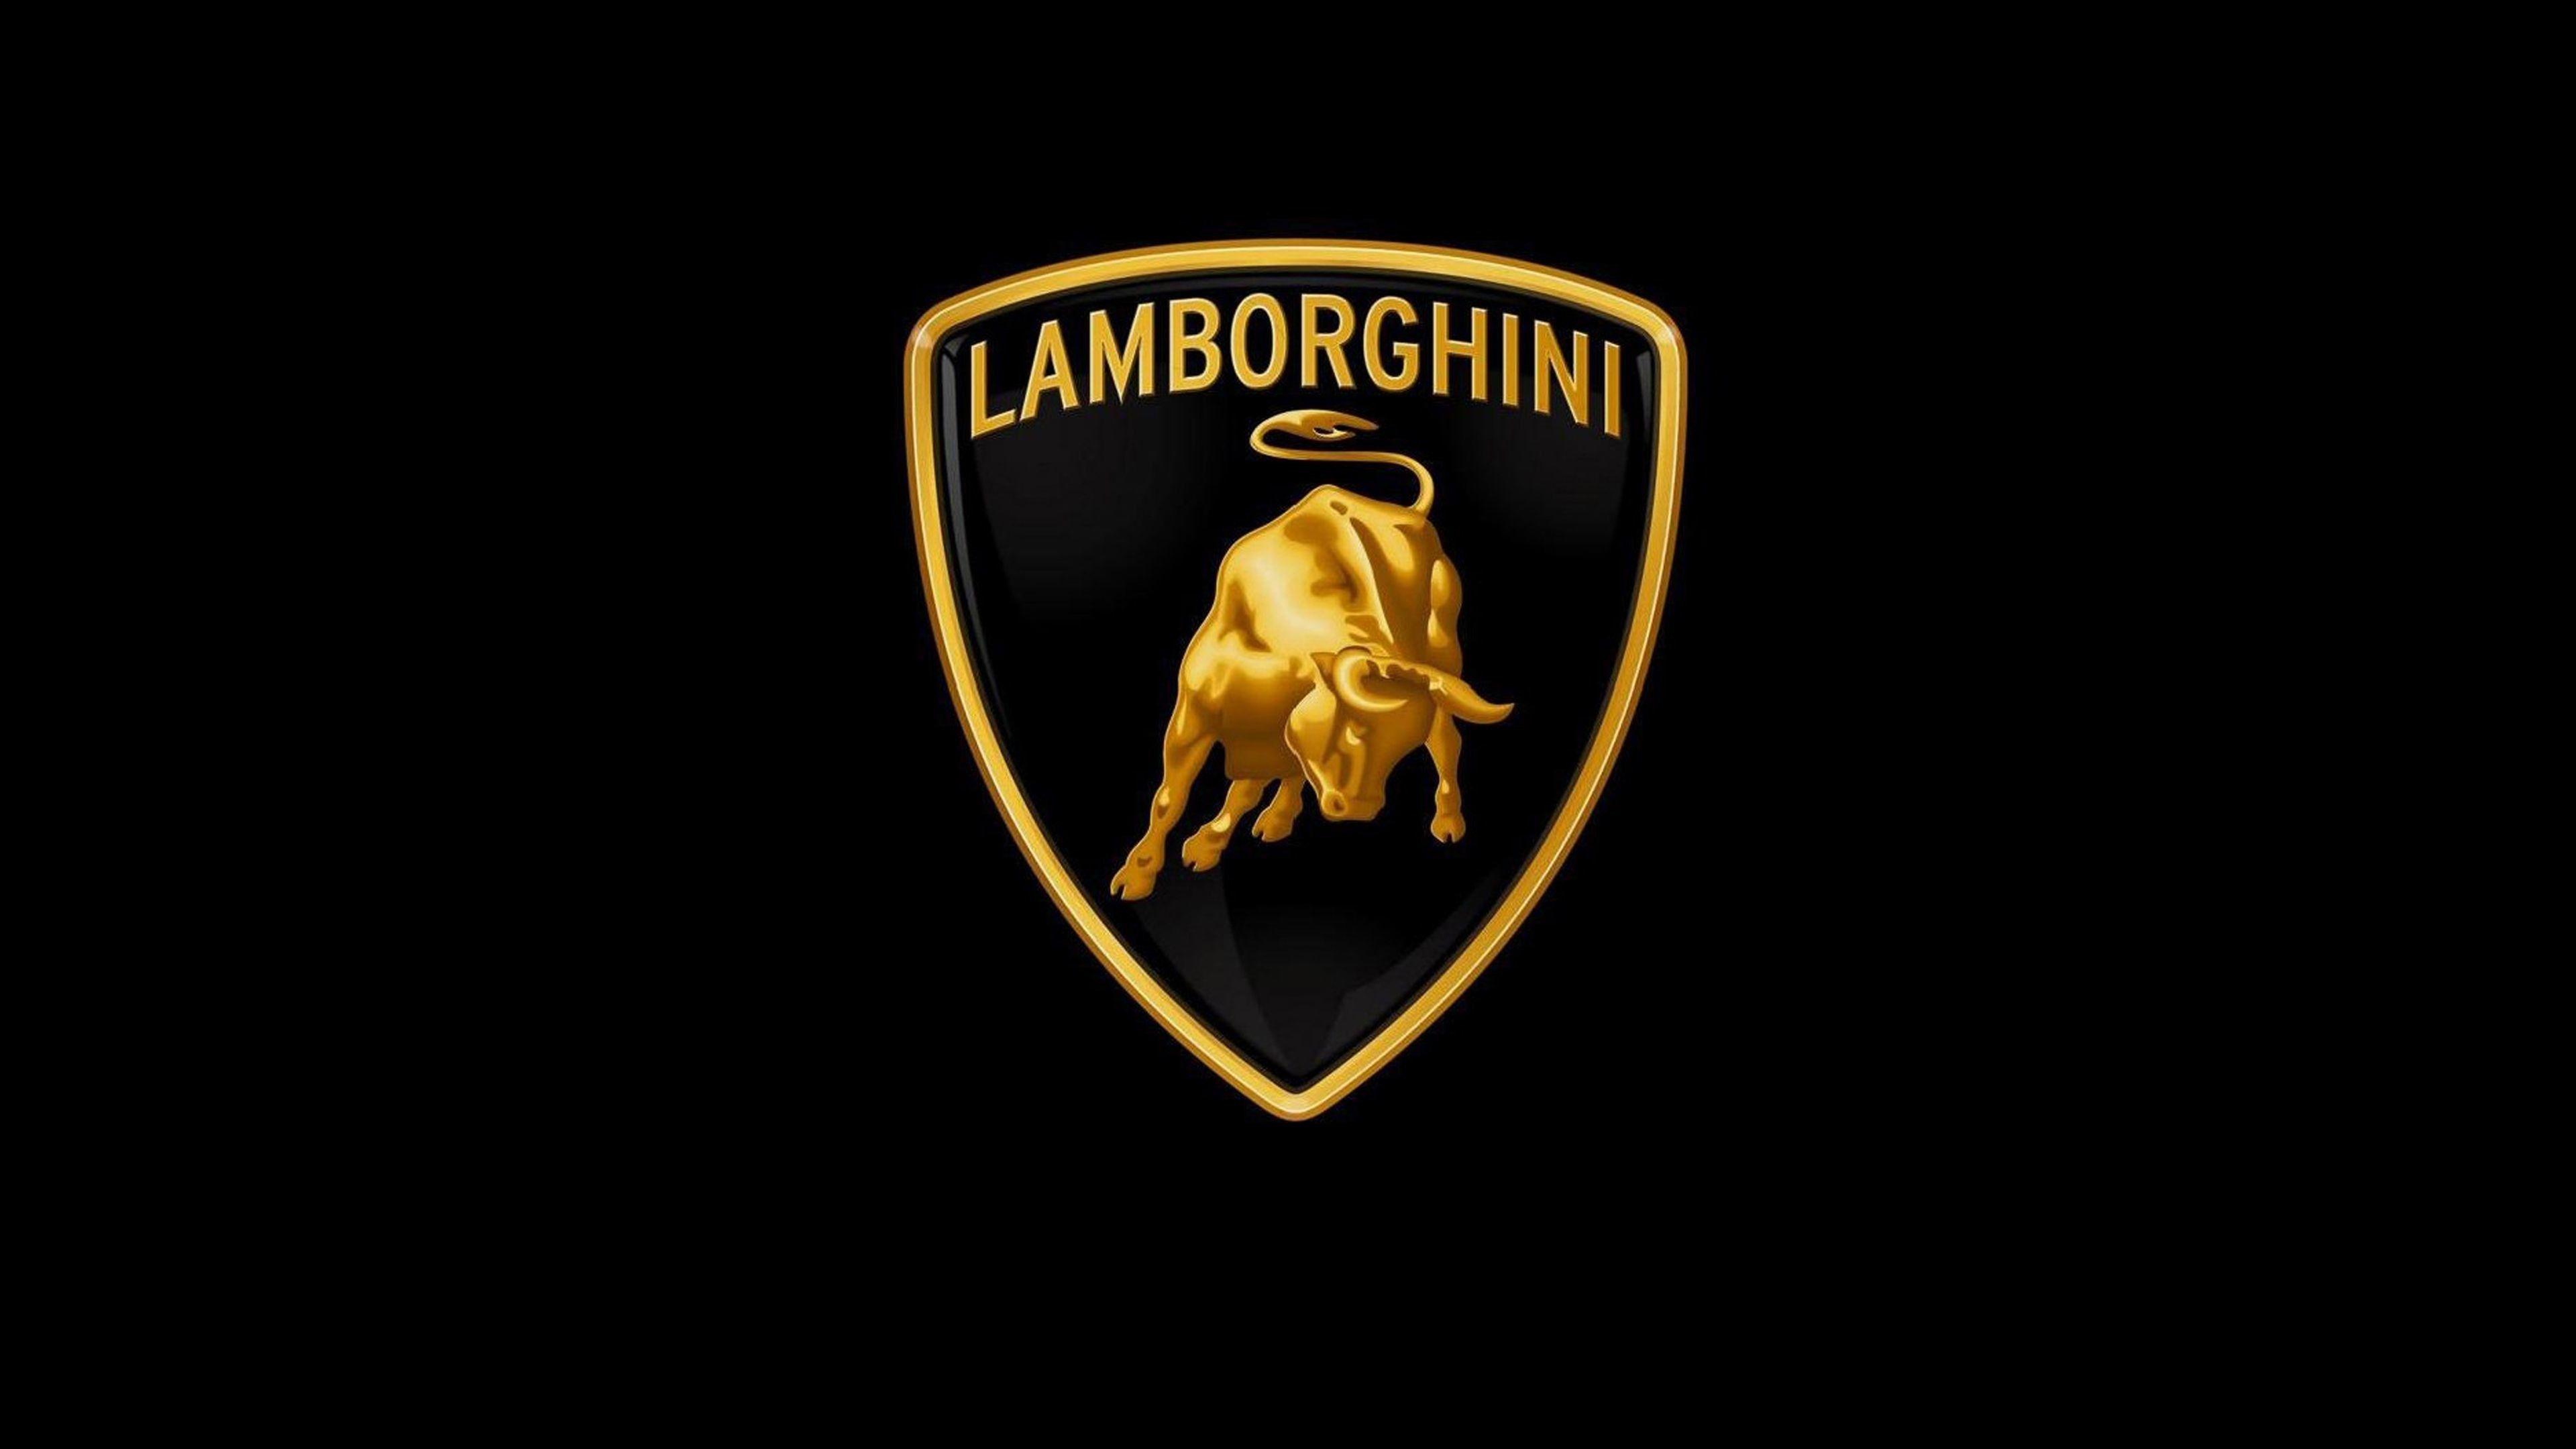 Lovely Lamborghini Logo 4k Wallpaper Lamborghini Mobil Keren Mobil